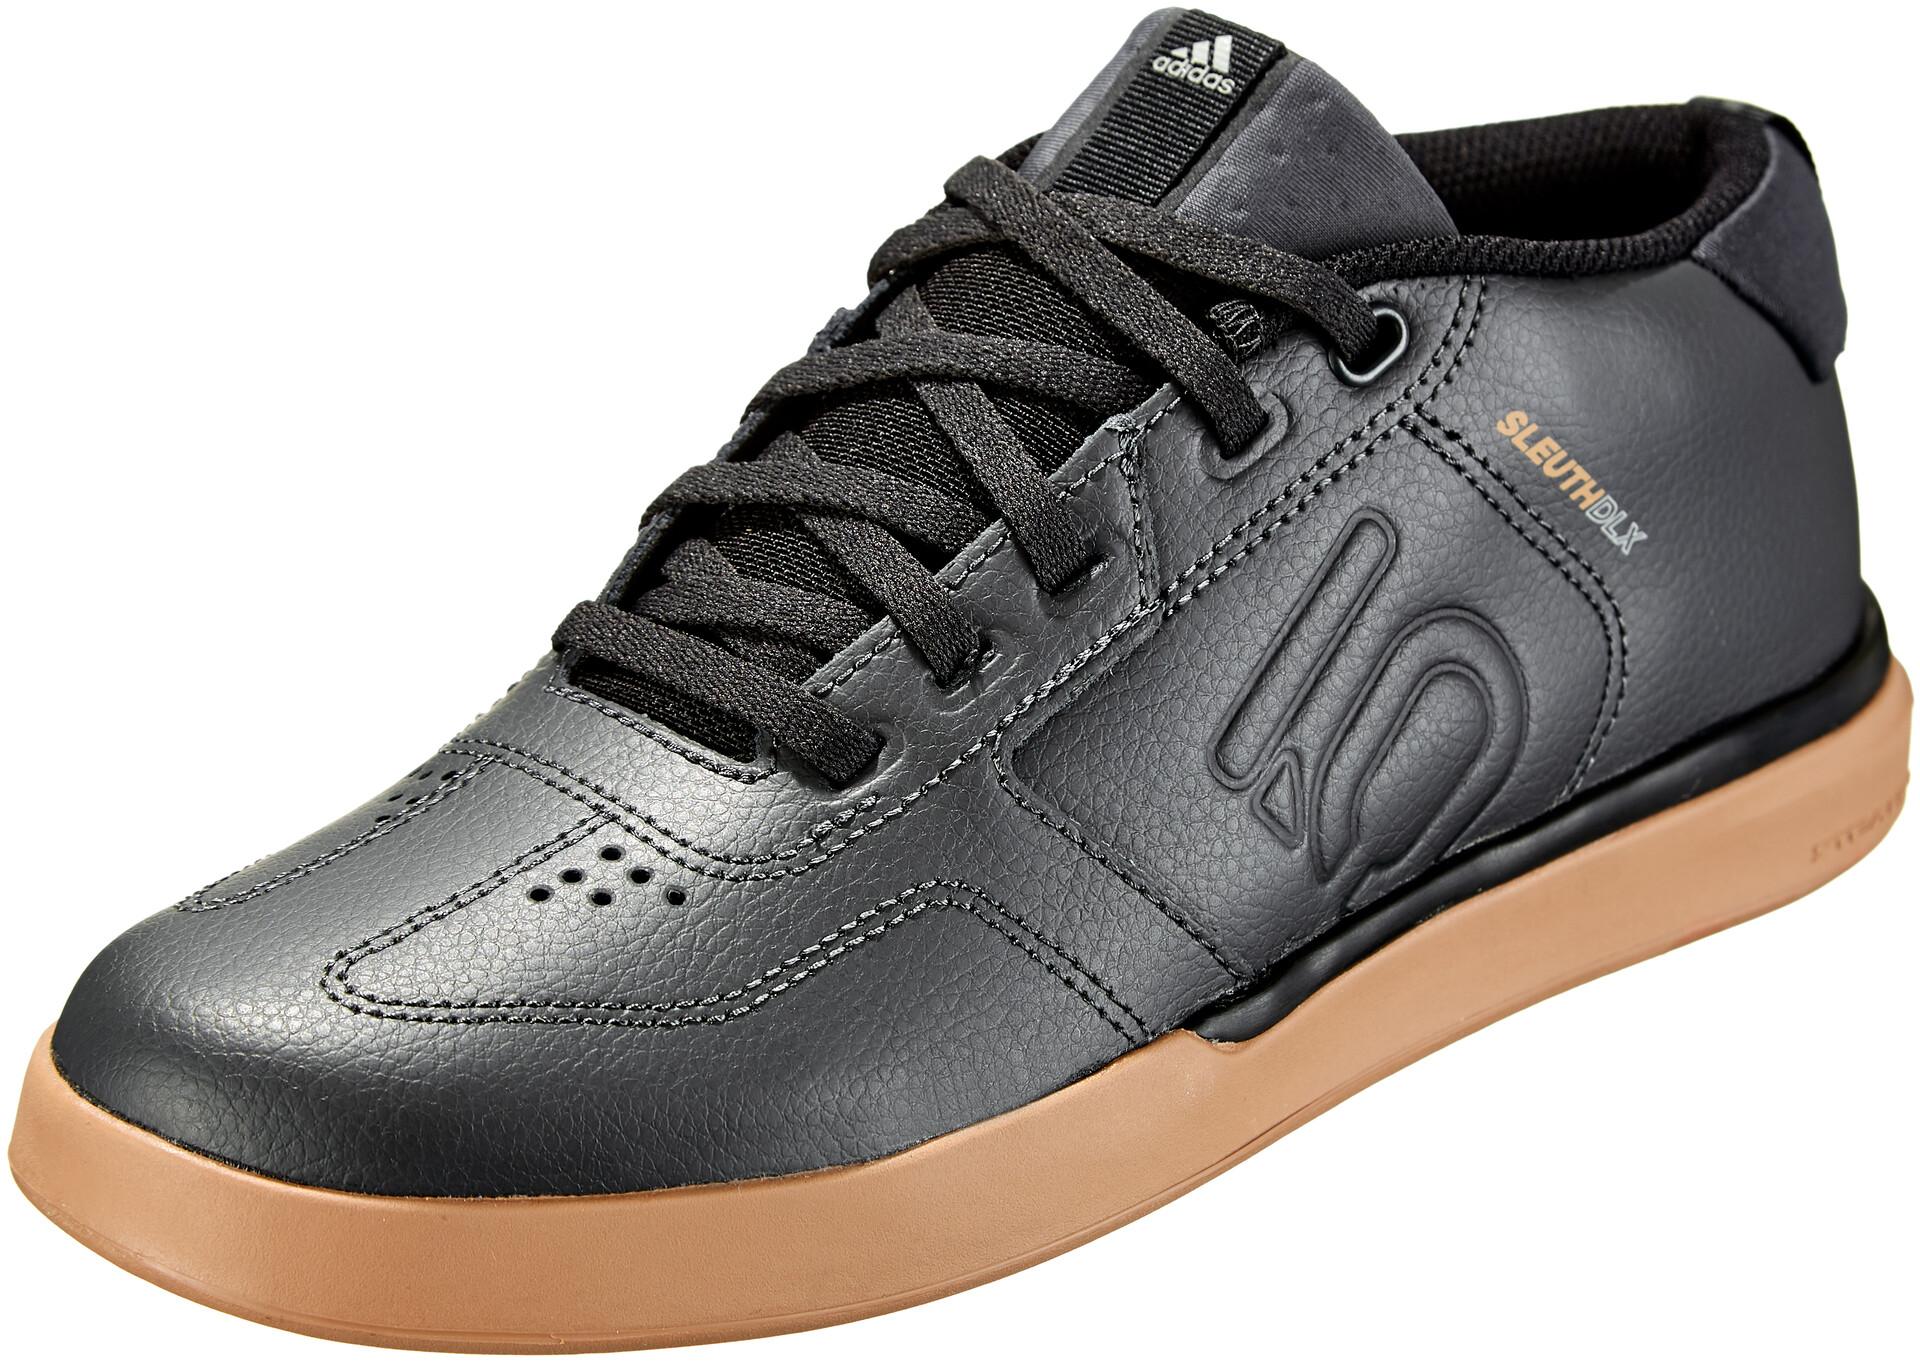 adidas Five Ten Sleuth DLX Mid Mountain